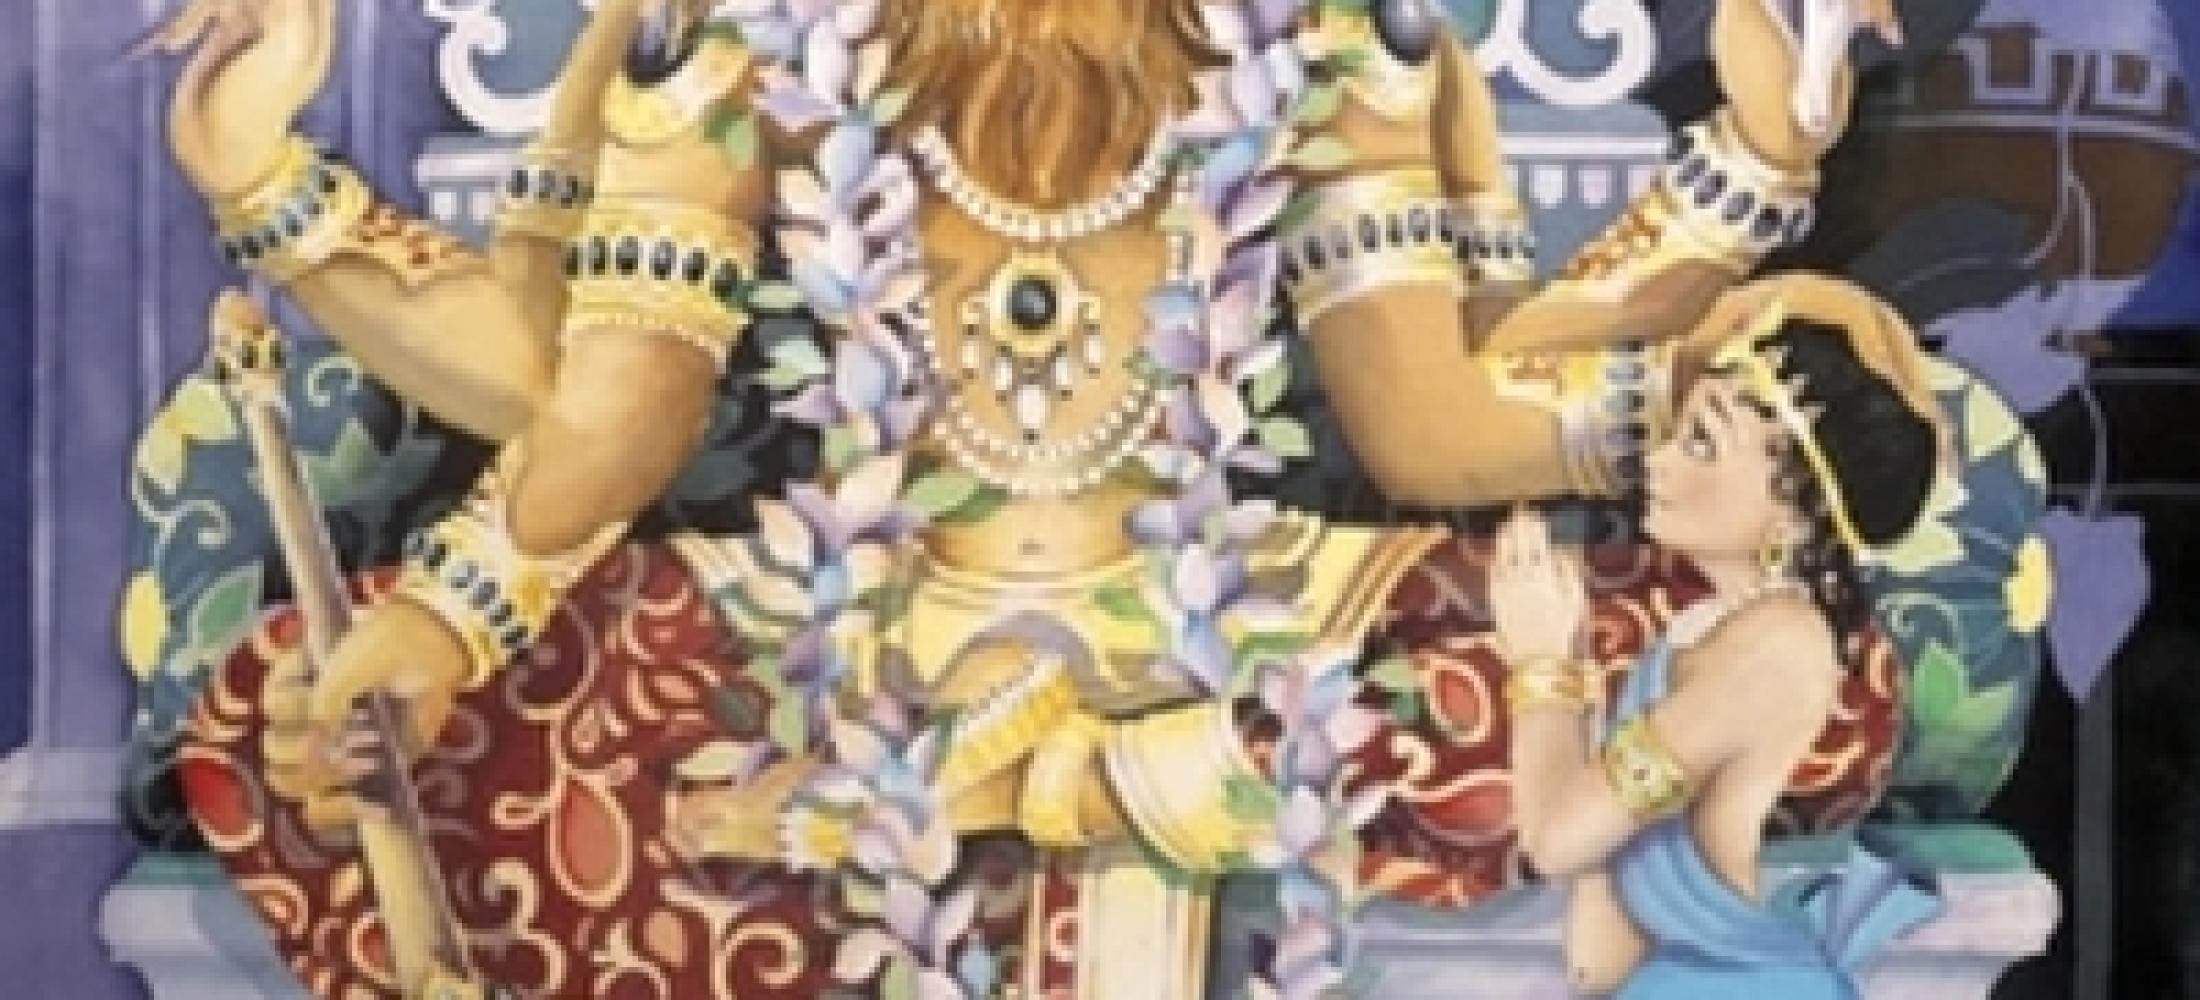 Нрисимха, Нарасимха, энергия бога Нарасимхи (посвящение, инициация)